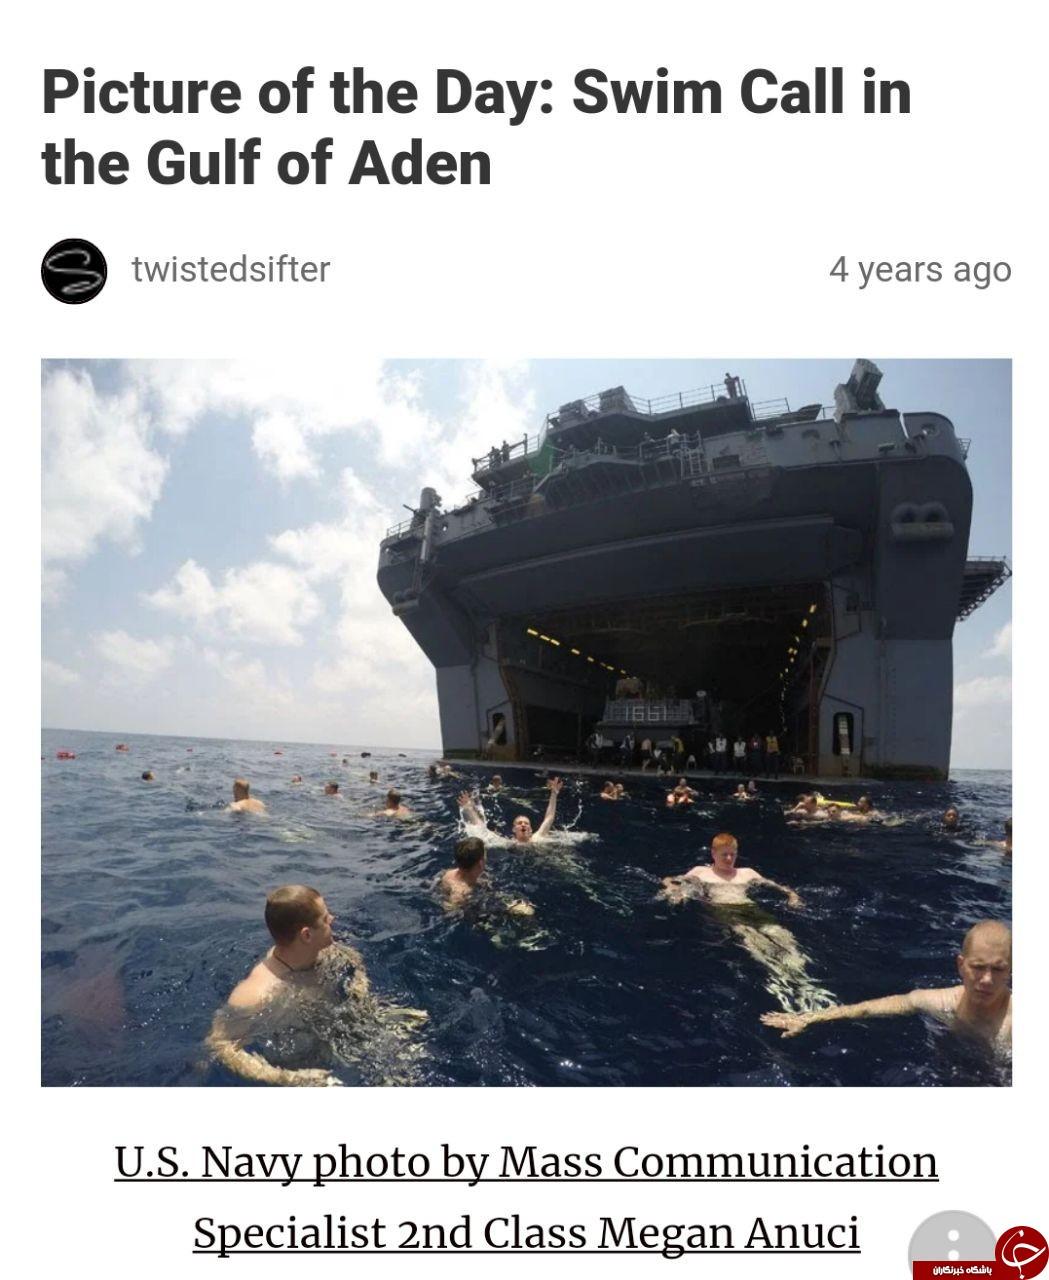 ماجرای تصویری که به اسم شنای سربازان آمریکایی در خلیج فارس به خورد مردم داده ! +تصاویر